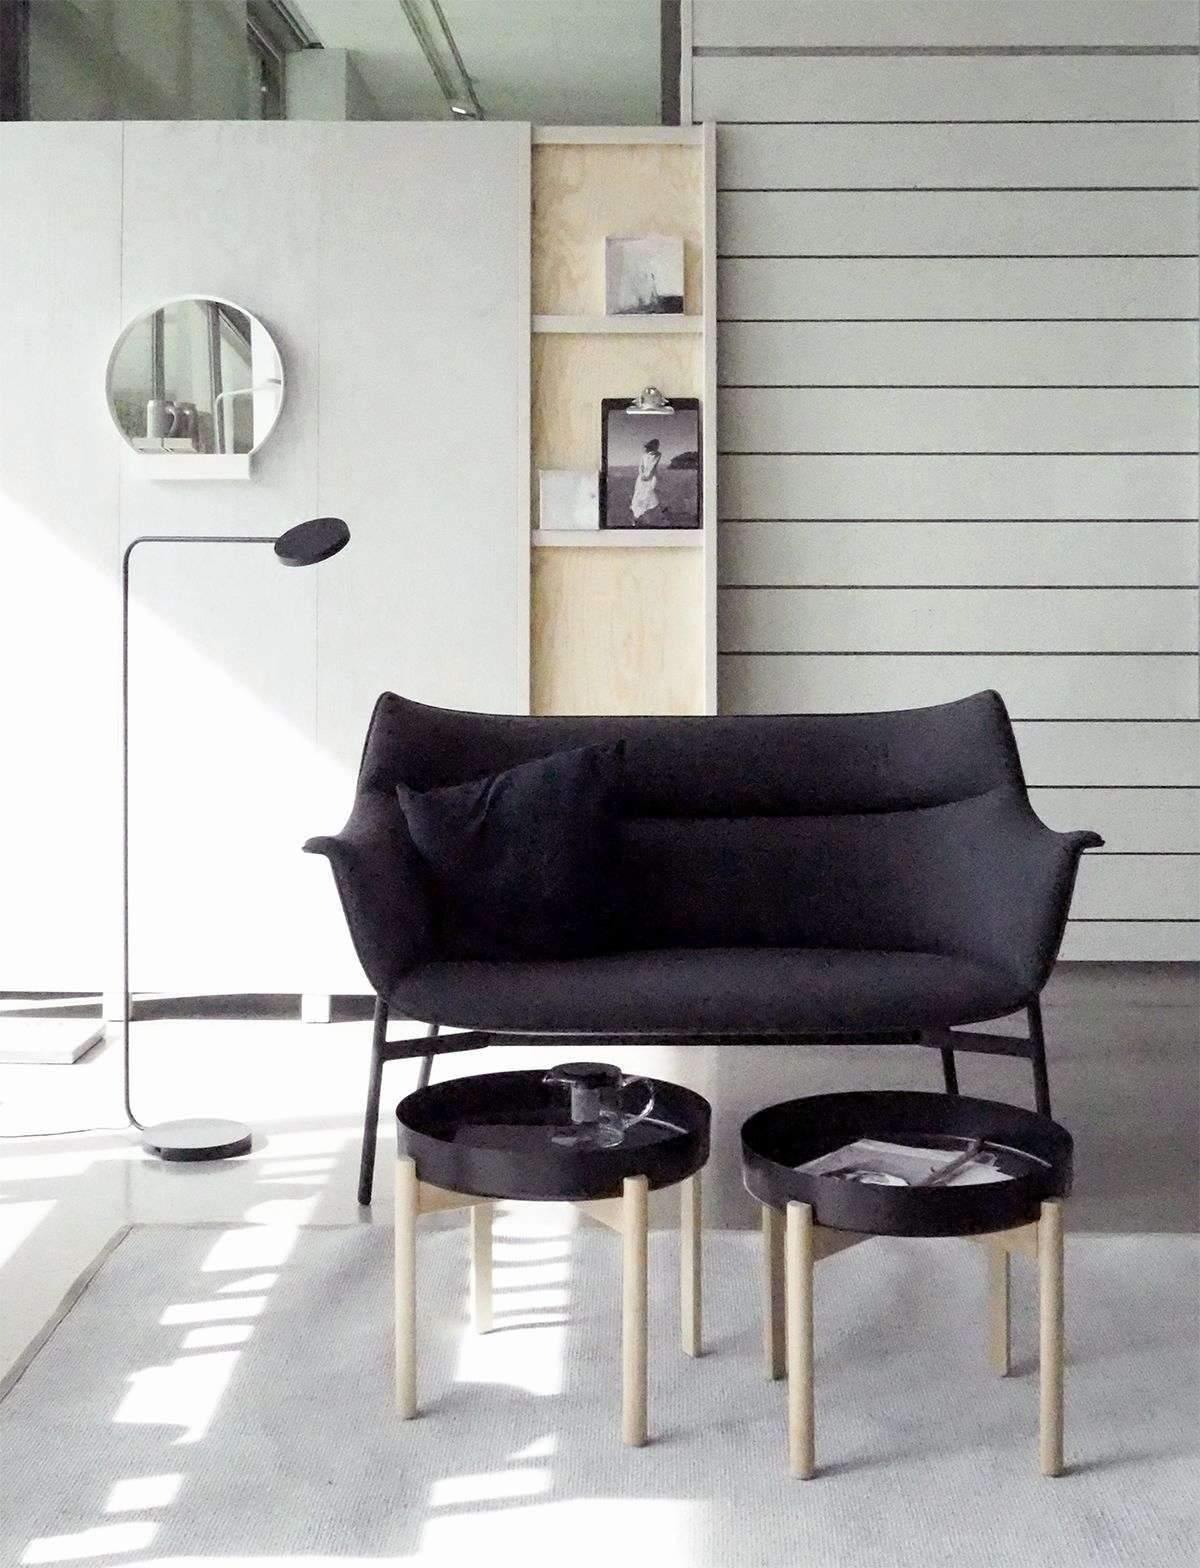 Full Size of Ikea Relaxsessel Elektrisch Muren Sessel Kinder Leder Mit Hocker Strandmon Grau Gebraucht Garten Einrichtungsideen Wohnzimmer Genial Kleines Küche Kaufen Aldi Wohnzimmer Ikea Relaxsessel